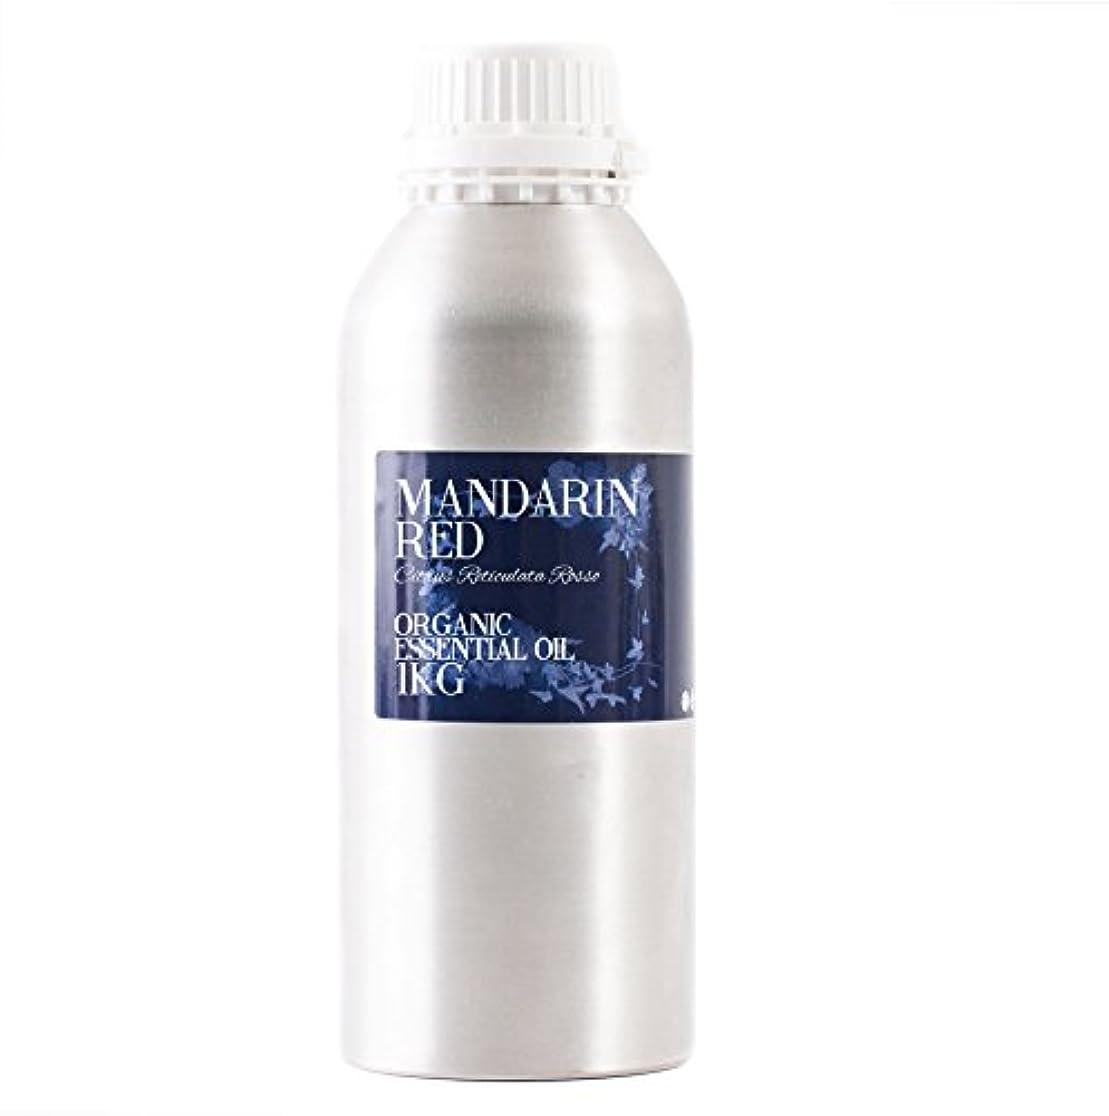 航空便アイザックモジュールMystic Moments | Mandarin Red Organic Essential Oil - 1Kg - 100% Pure